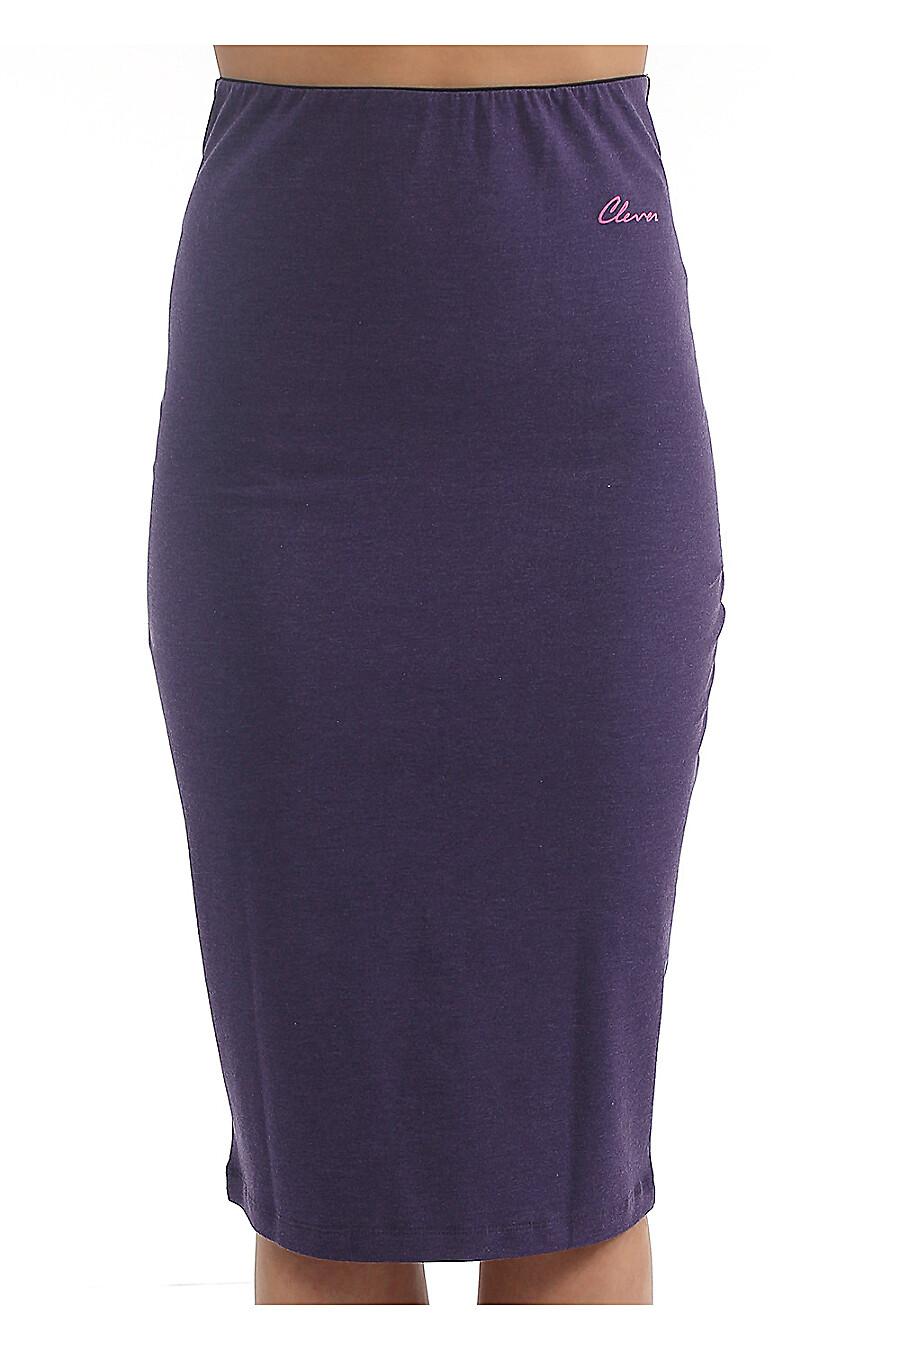 Юбка для женщин CLEVER 169231 купить оптом от производителя. Совместная покупка женской одежды в OptMoyo